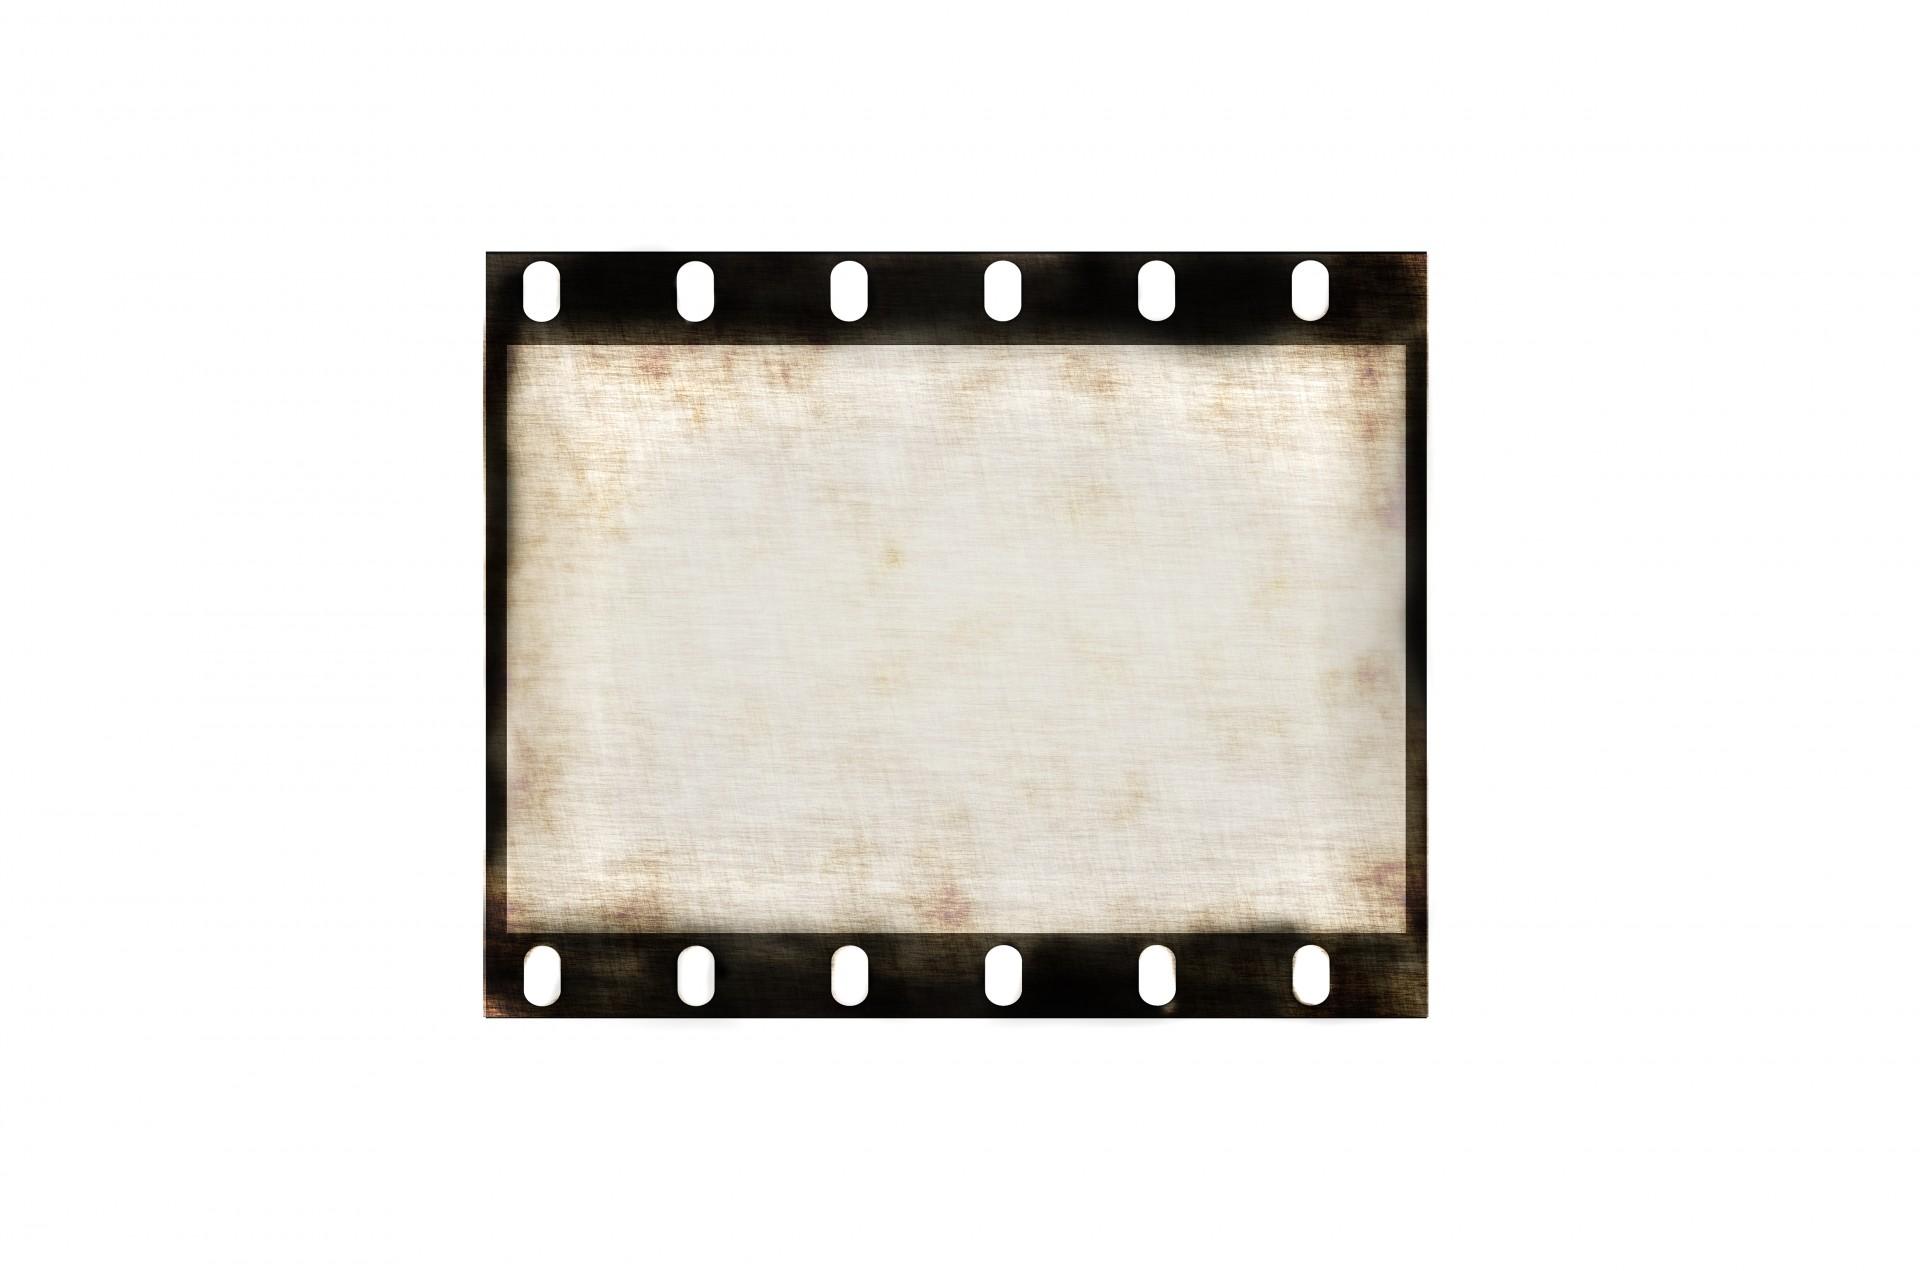 Film strip grunge photo